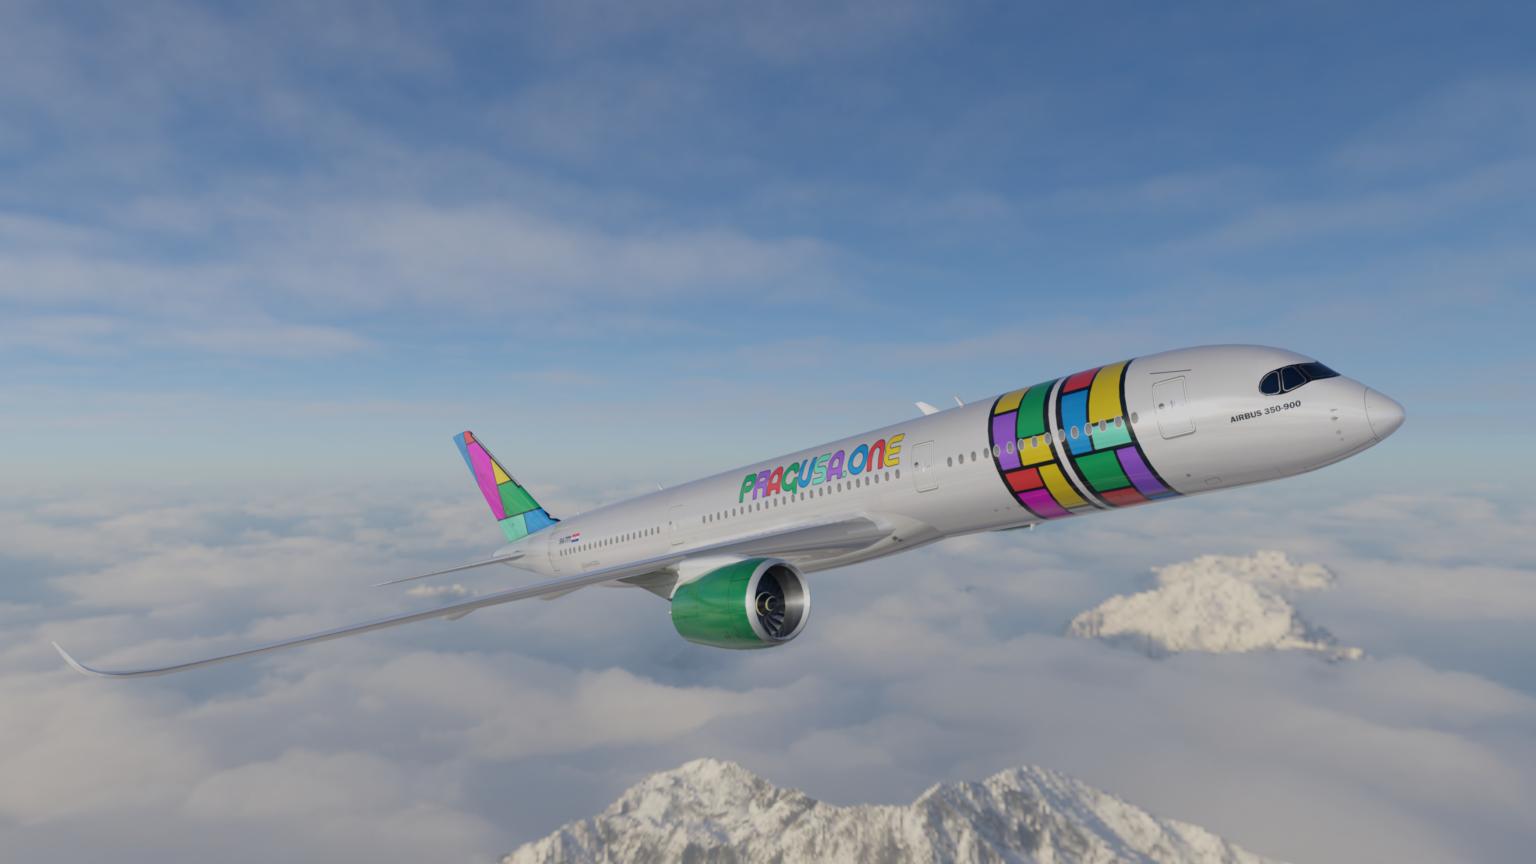 Pragusa.one vil på sigt benytte egne Airbus A350-900. (Illustration: Pragusa.one)